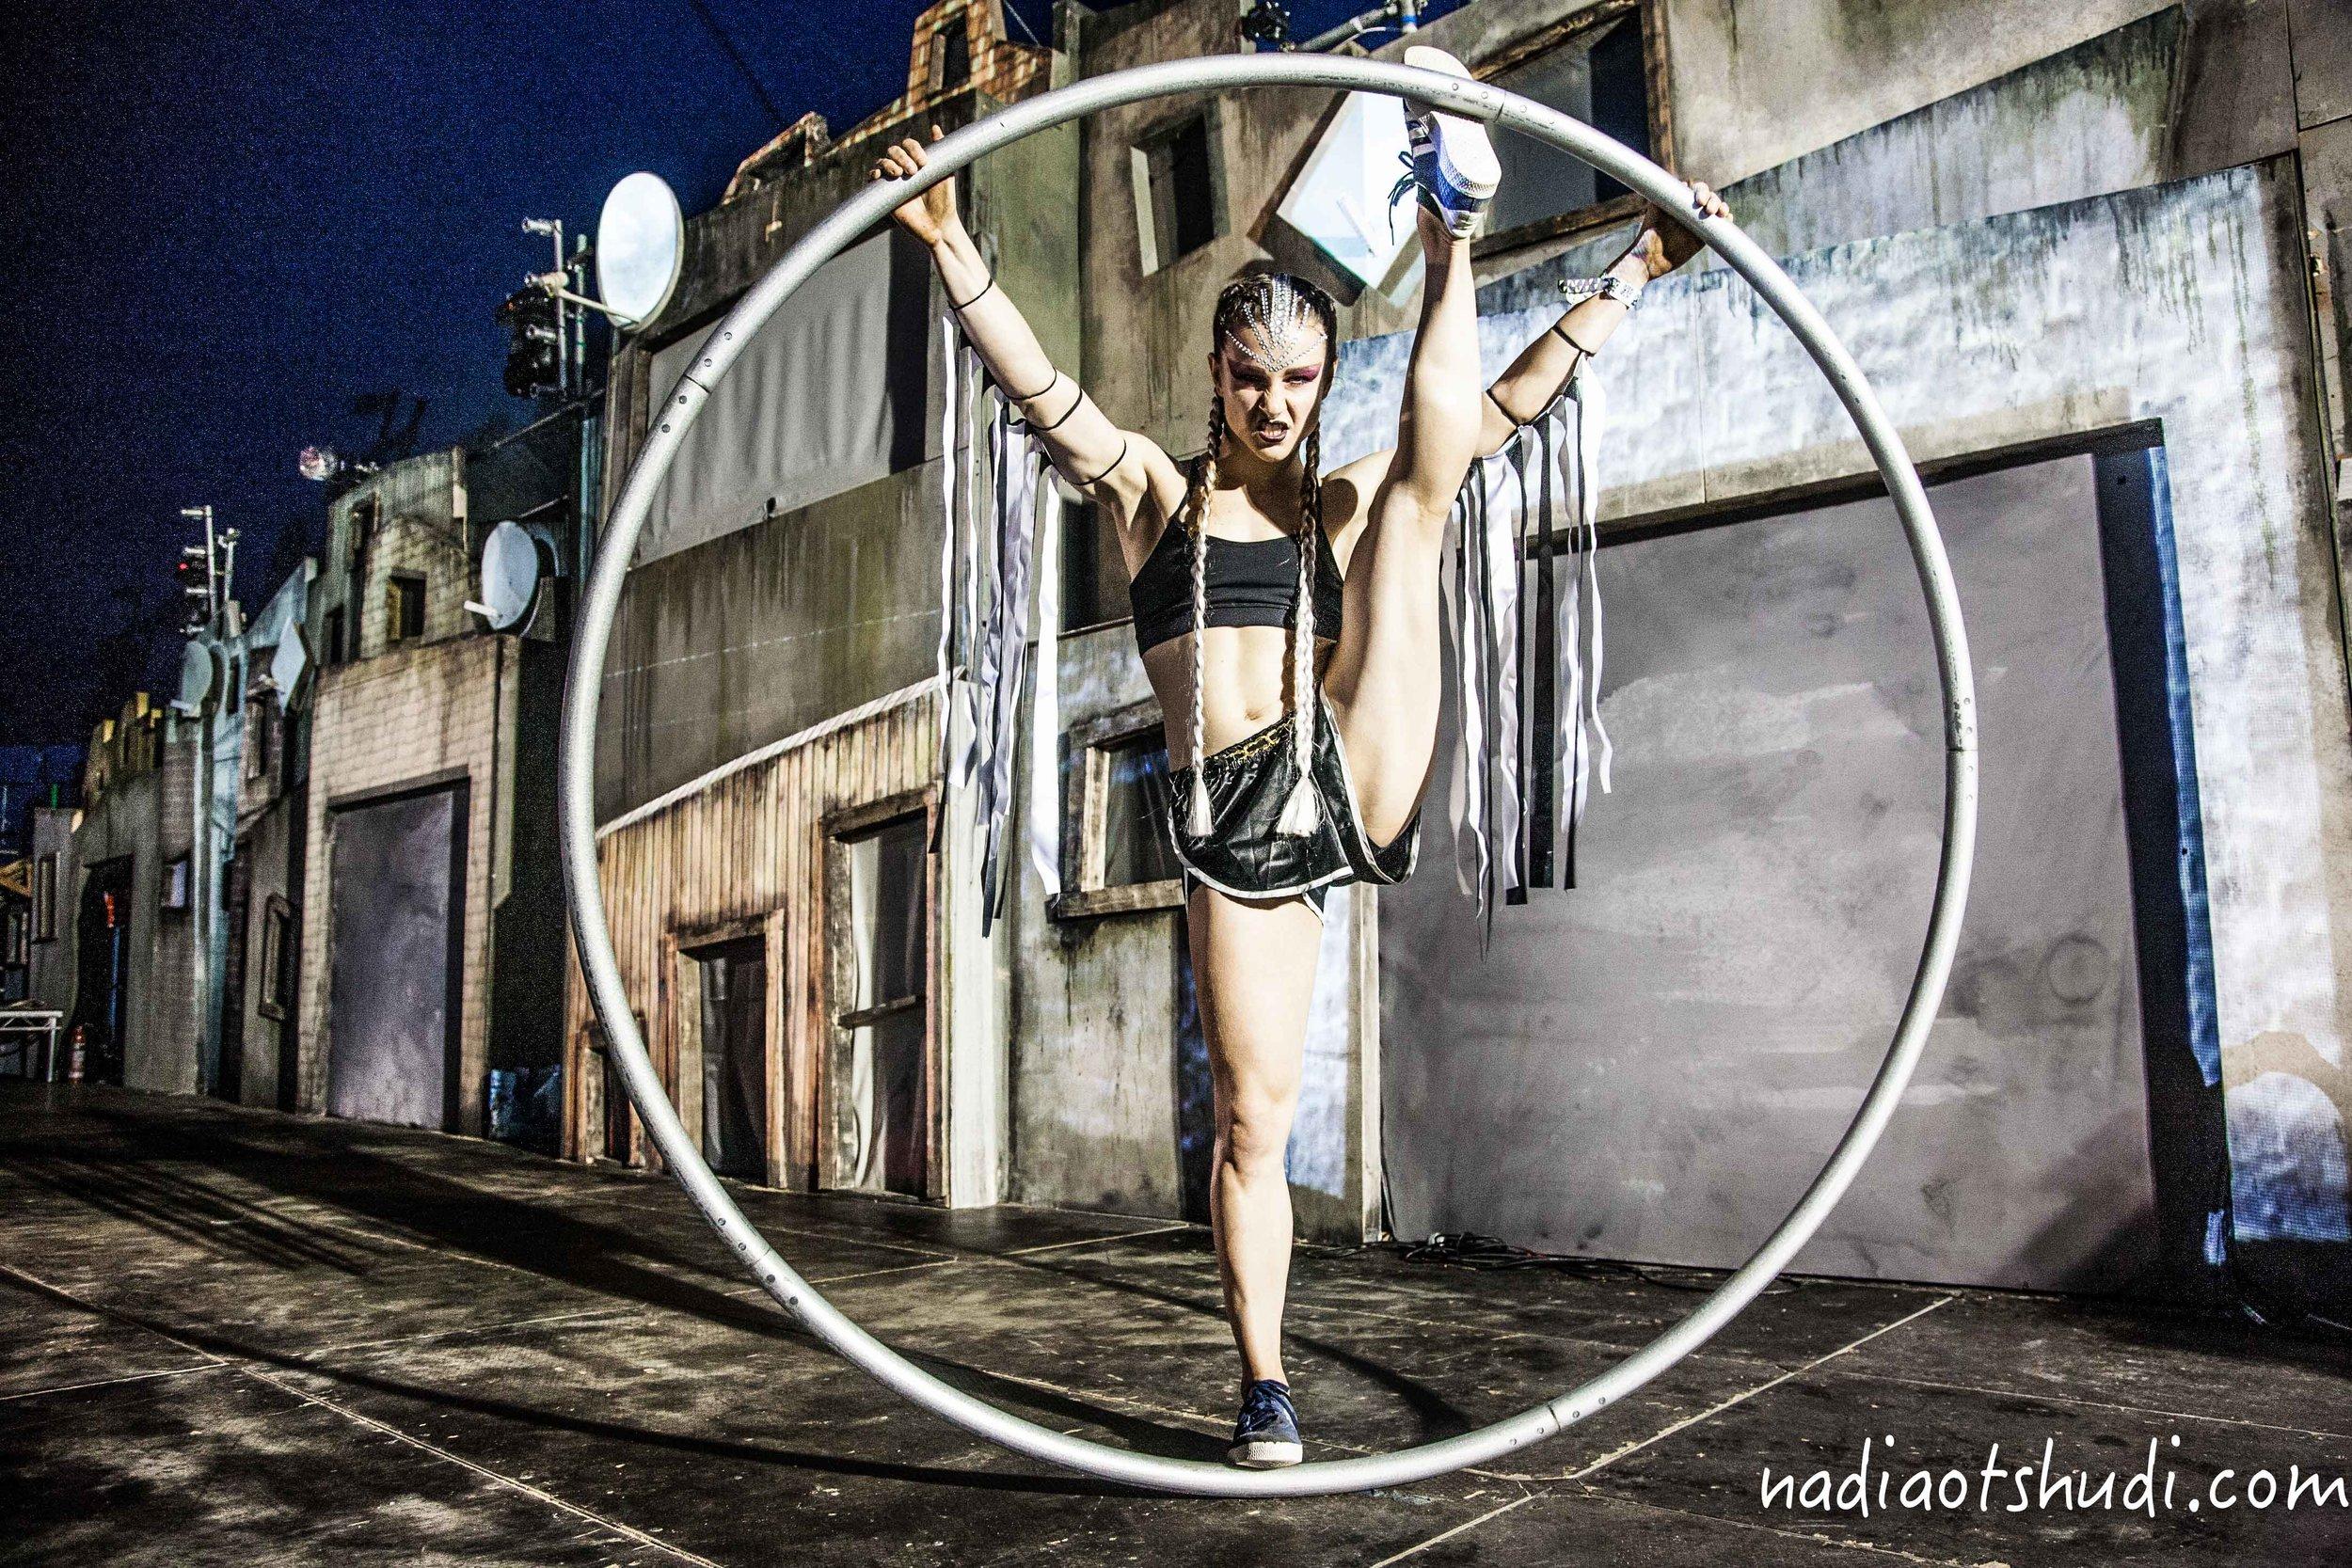 3.Nadia 'Gazelle' Lumley.jpg